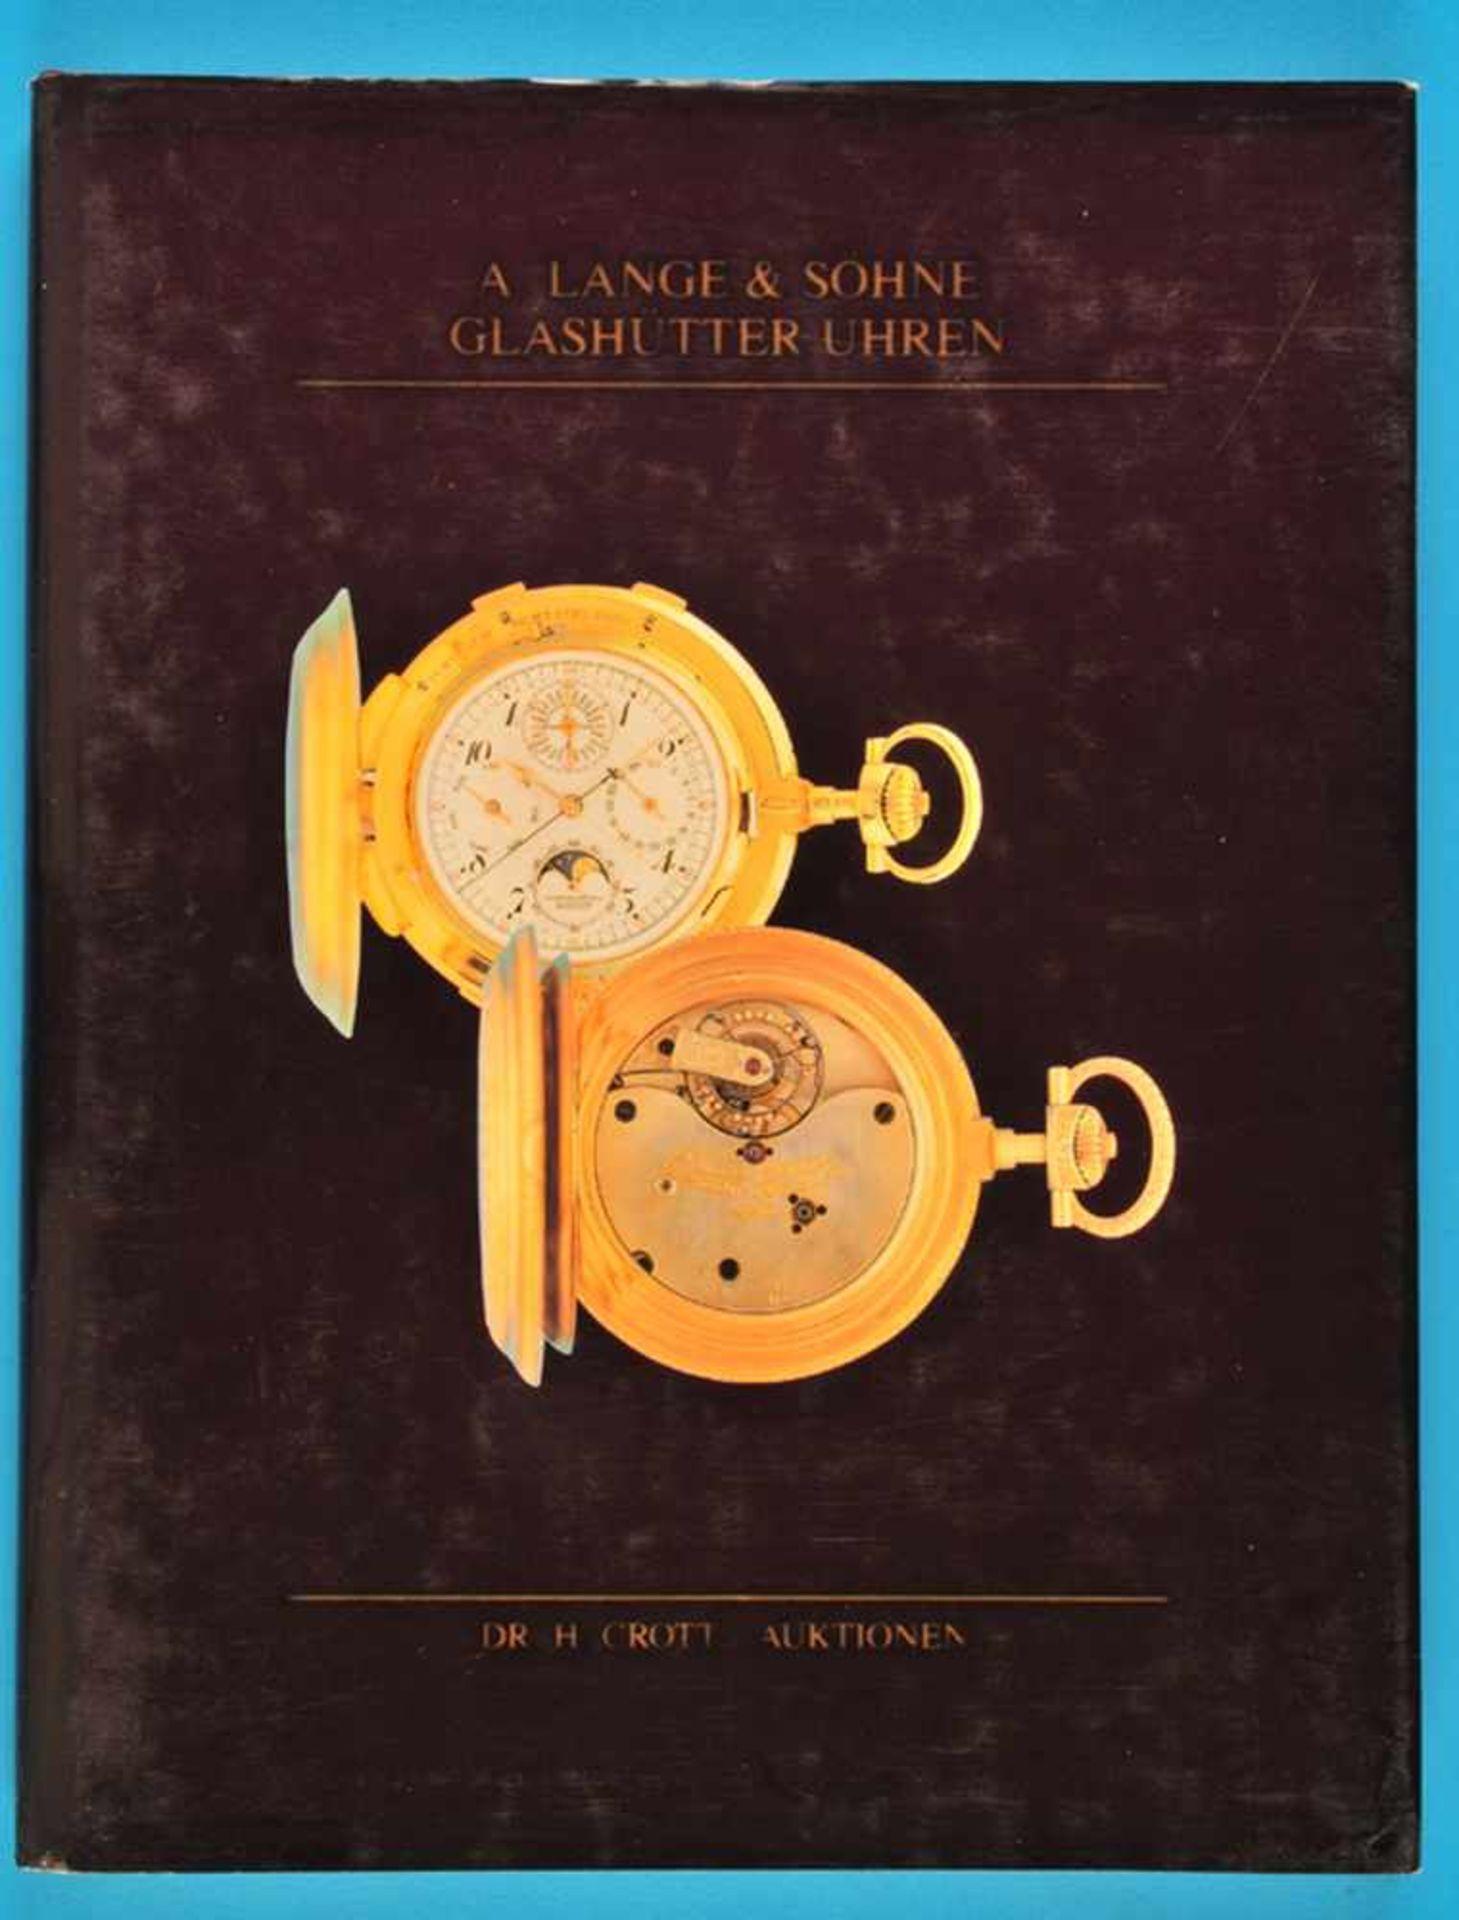 Los 29 - Dr. H. Crott, A. Lange & Söhne, Glashütter Uhren, Katalog von 1991Dr. H. Crott, A. Lange & Söhne,